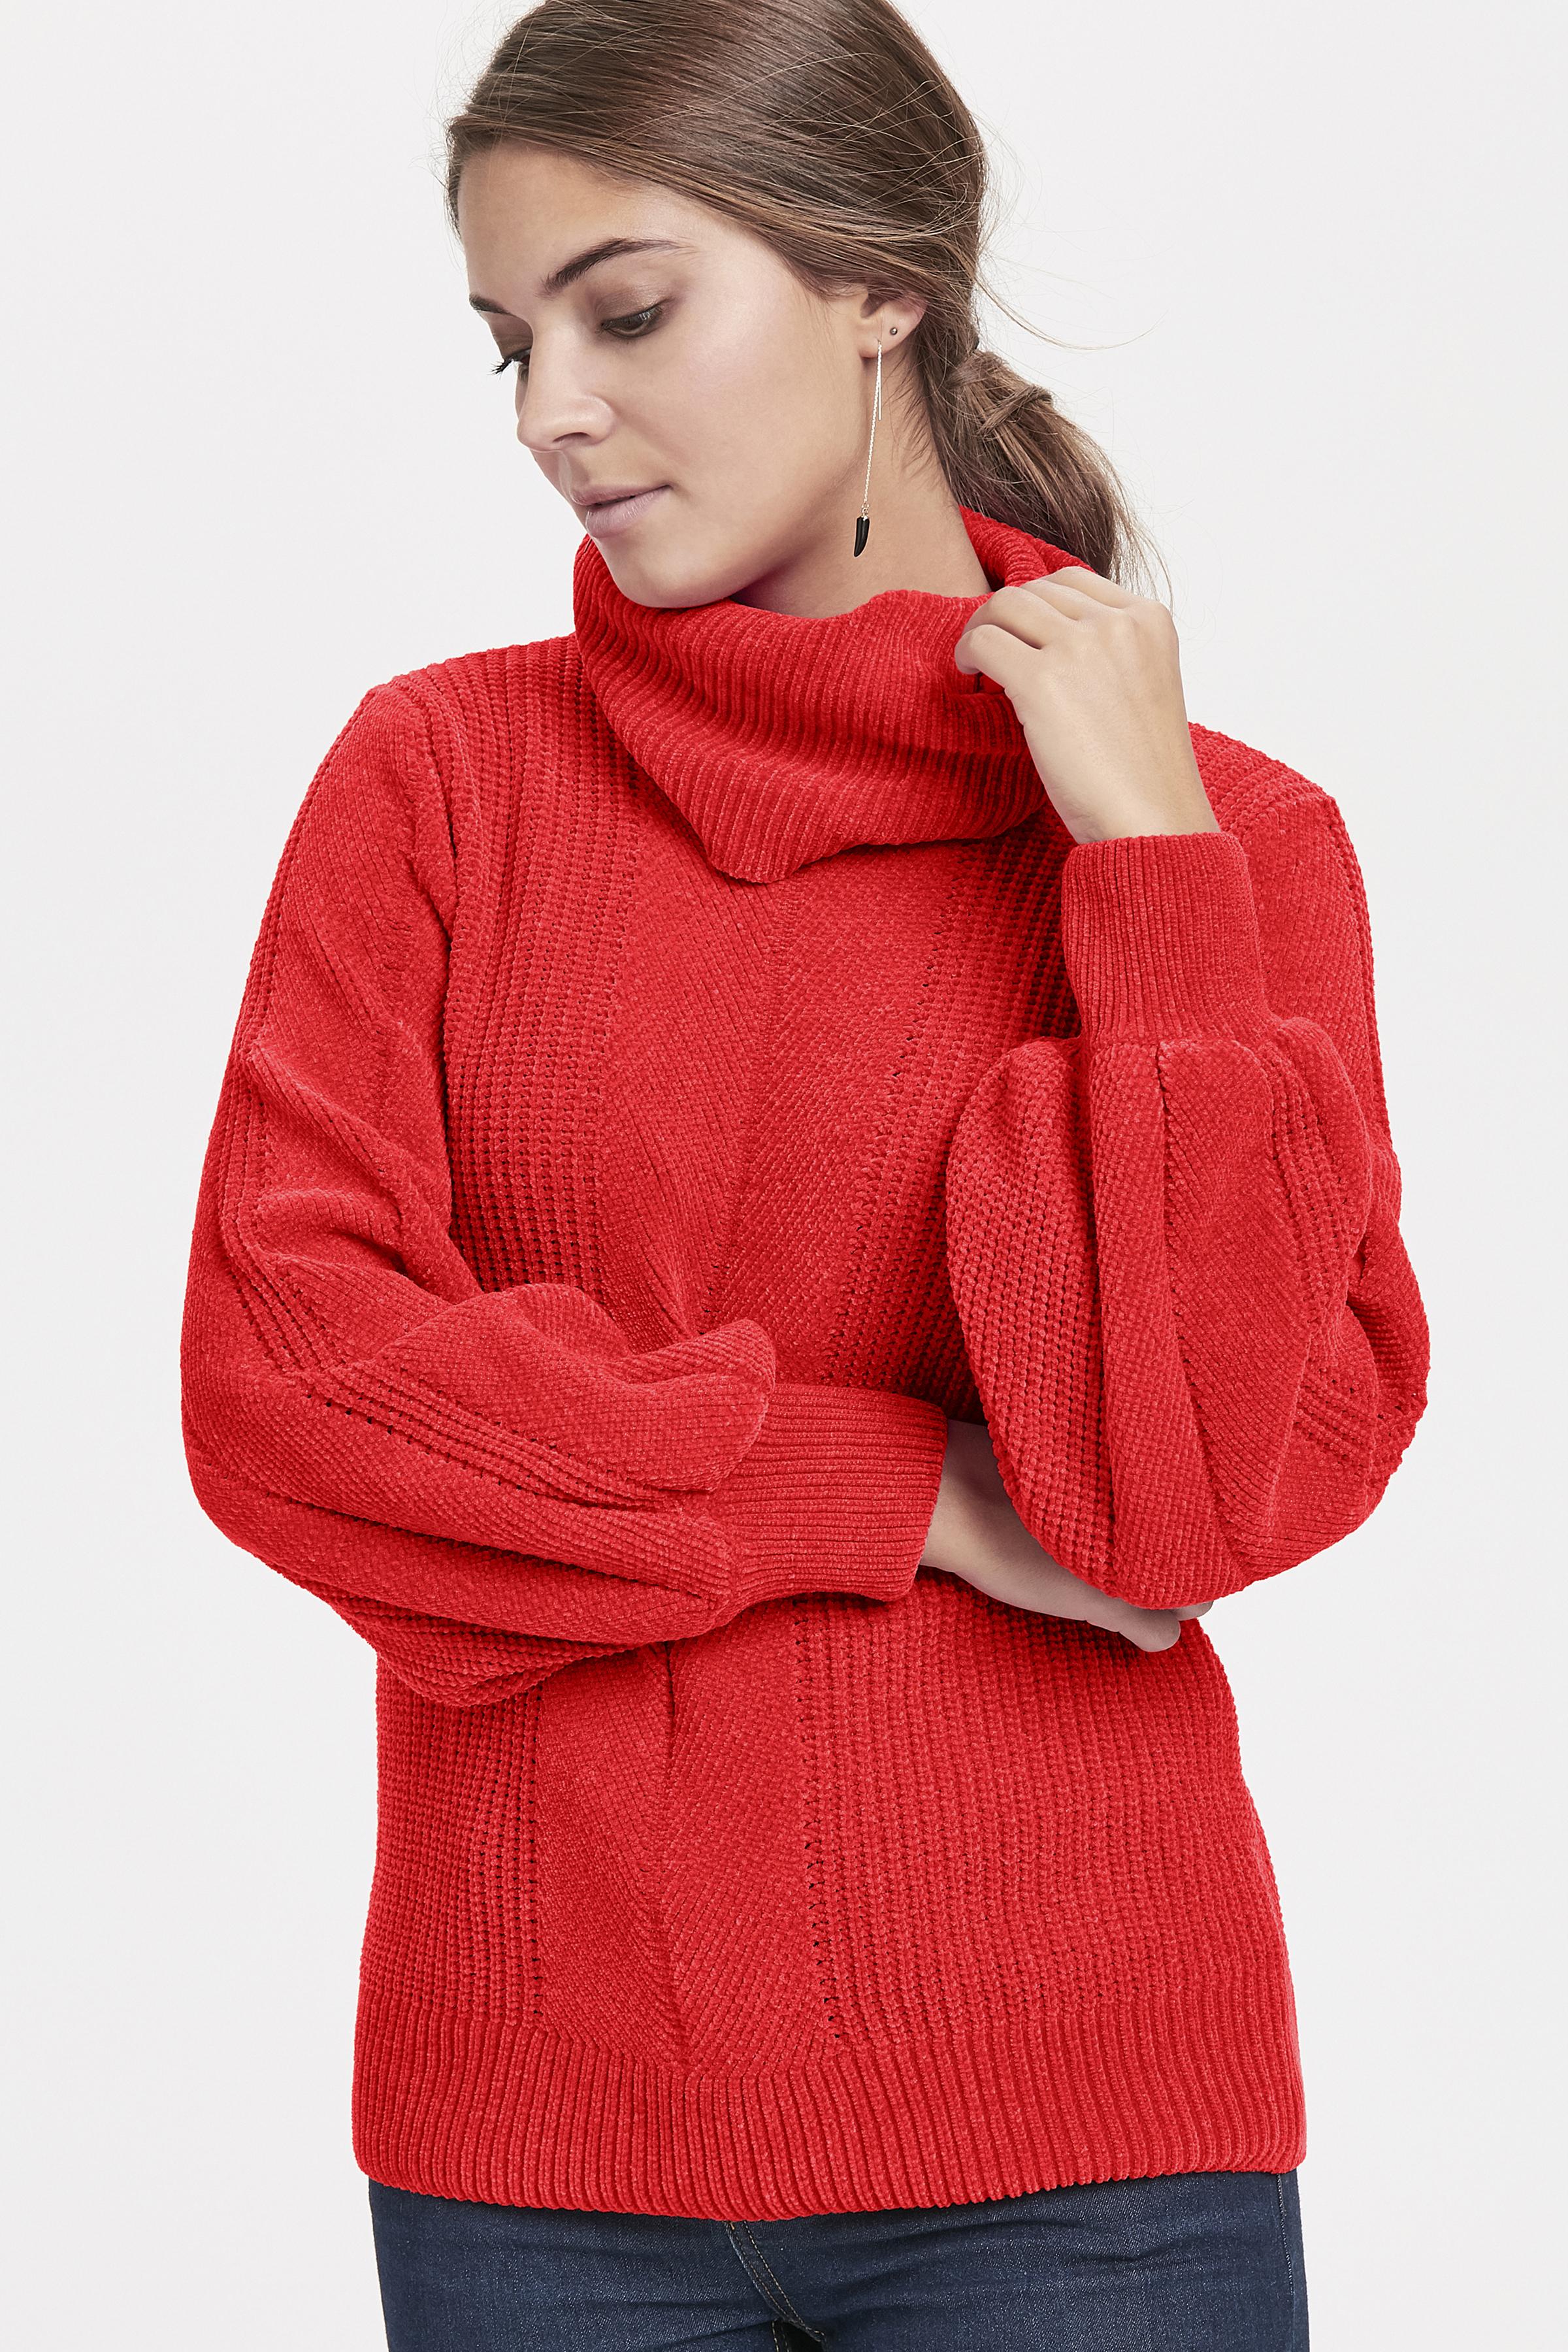 Rot Strickpullover von b.young – Shoppen Sie Rot Strickpullover ab Gr. XS-XXL hier